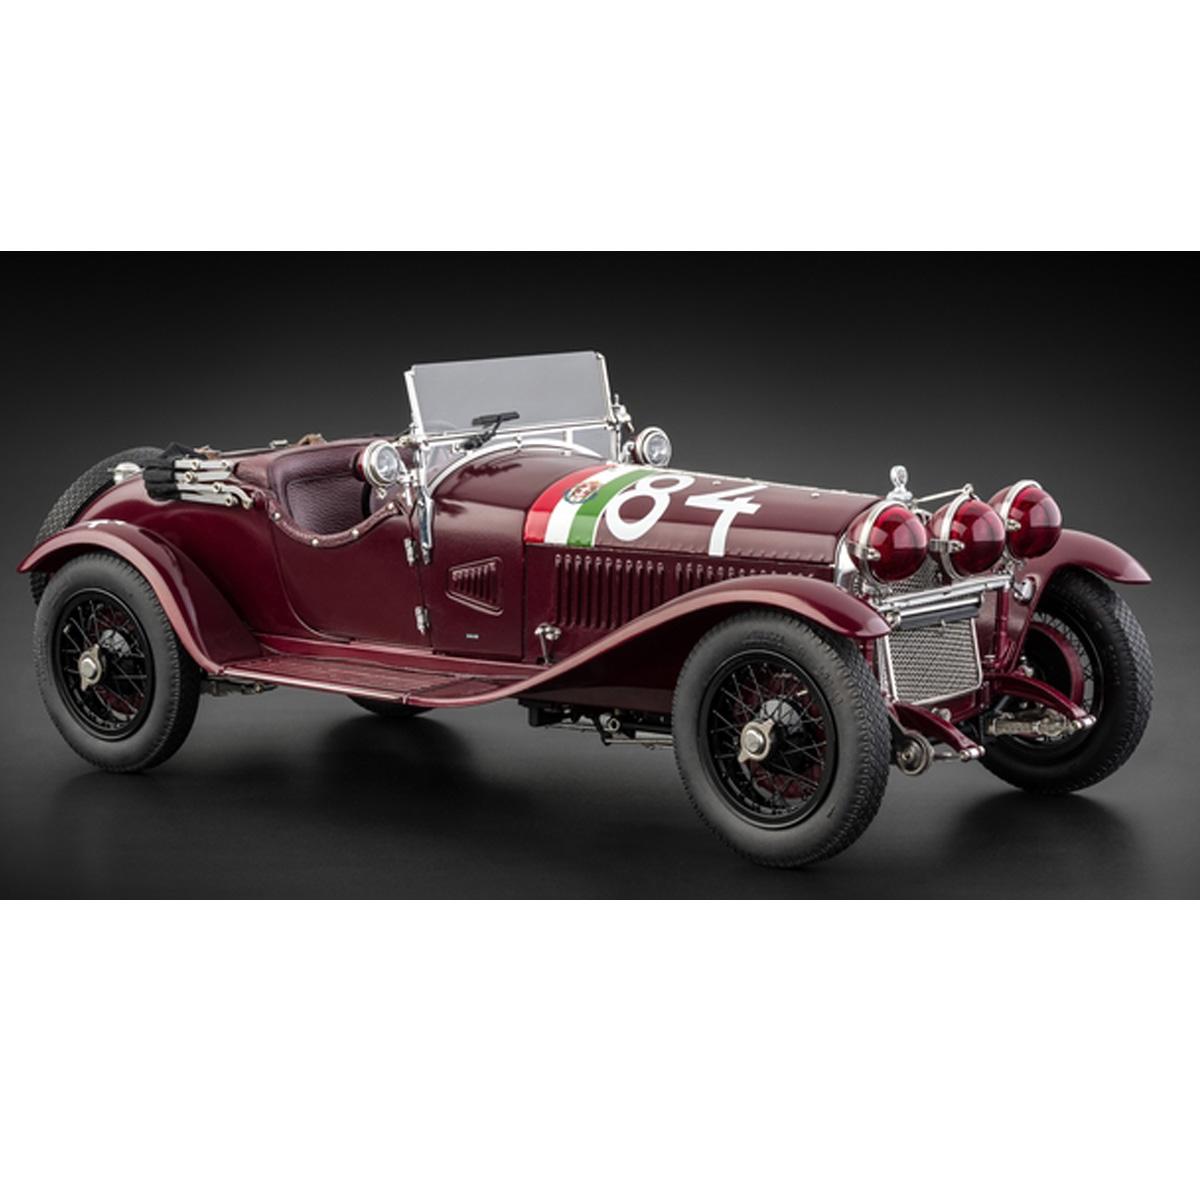 Alfa Romeo 6C 1750 Gran Sport, 1930 Mille Miglia Lim Ed. 2000